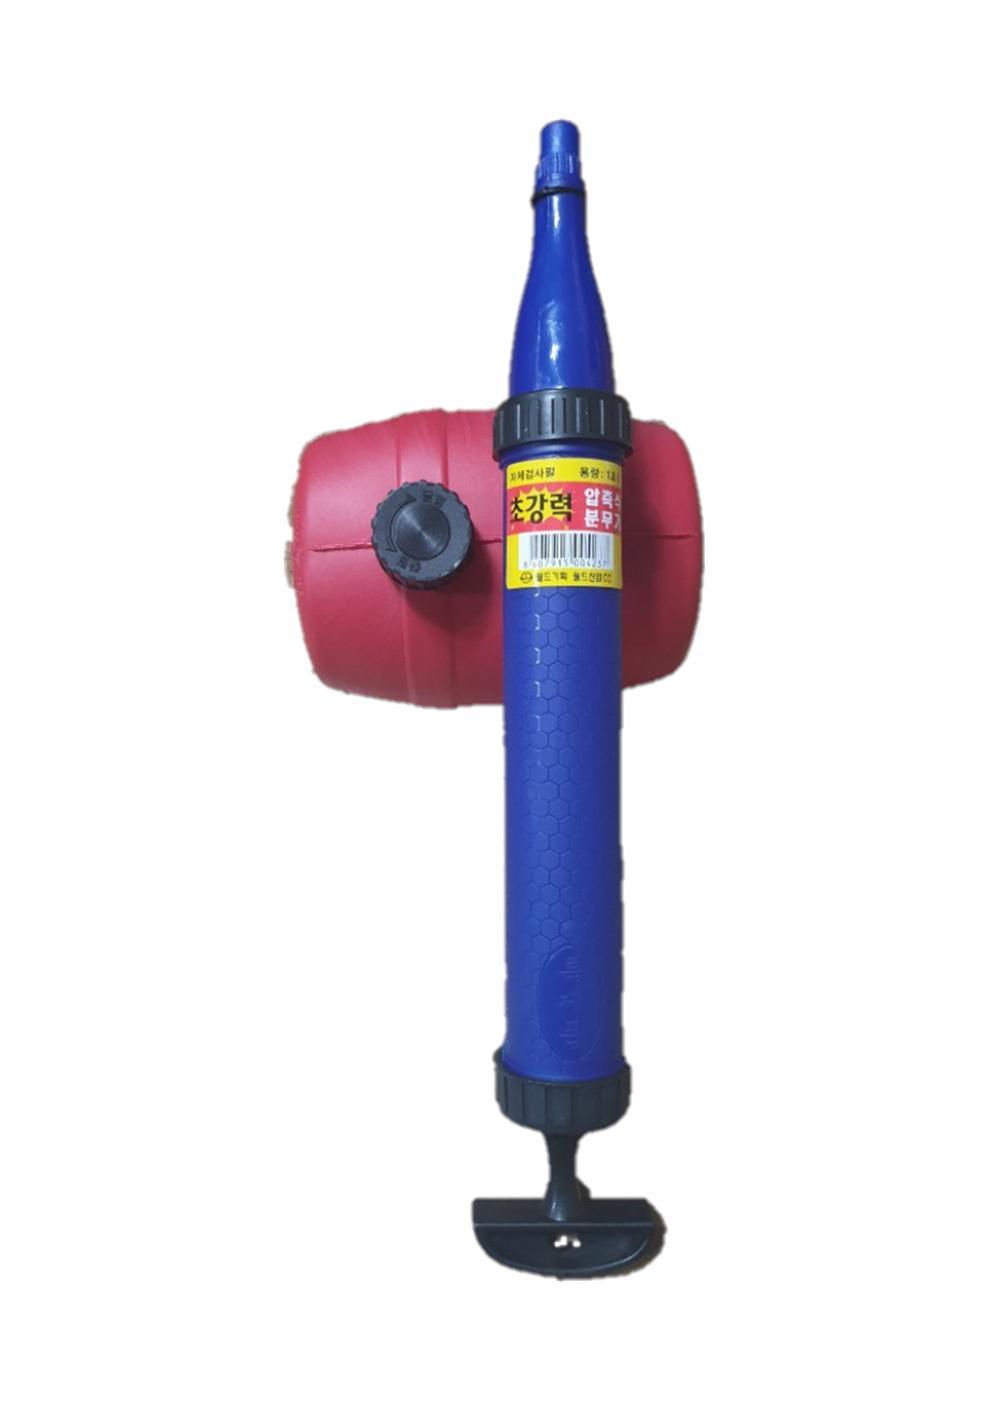 월드산업 초강력 압축식 분무기 1.8L 농약분무기/농기계/동력분무기/고압분무기/화분쇼핑몰, 단일 색상